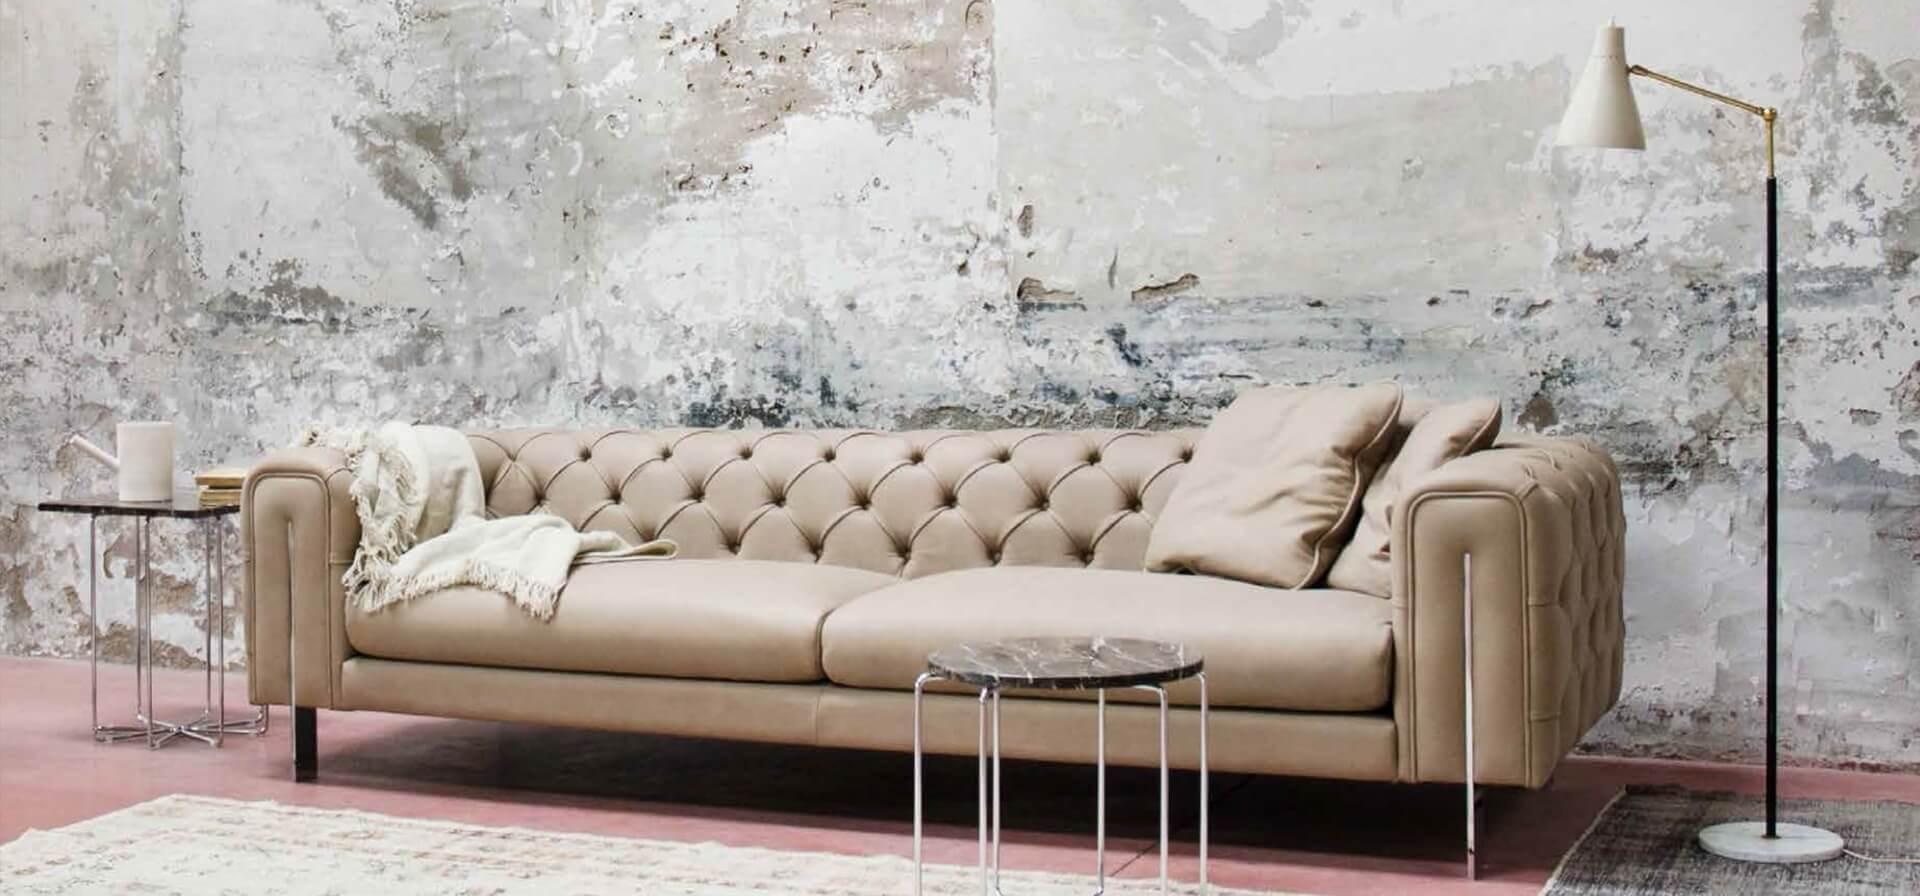 義大利進口沙發品牌 雙人沙發尺寸 Loop&Co